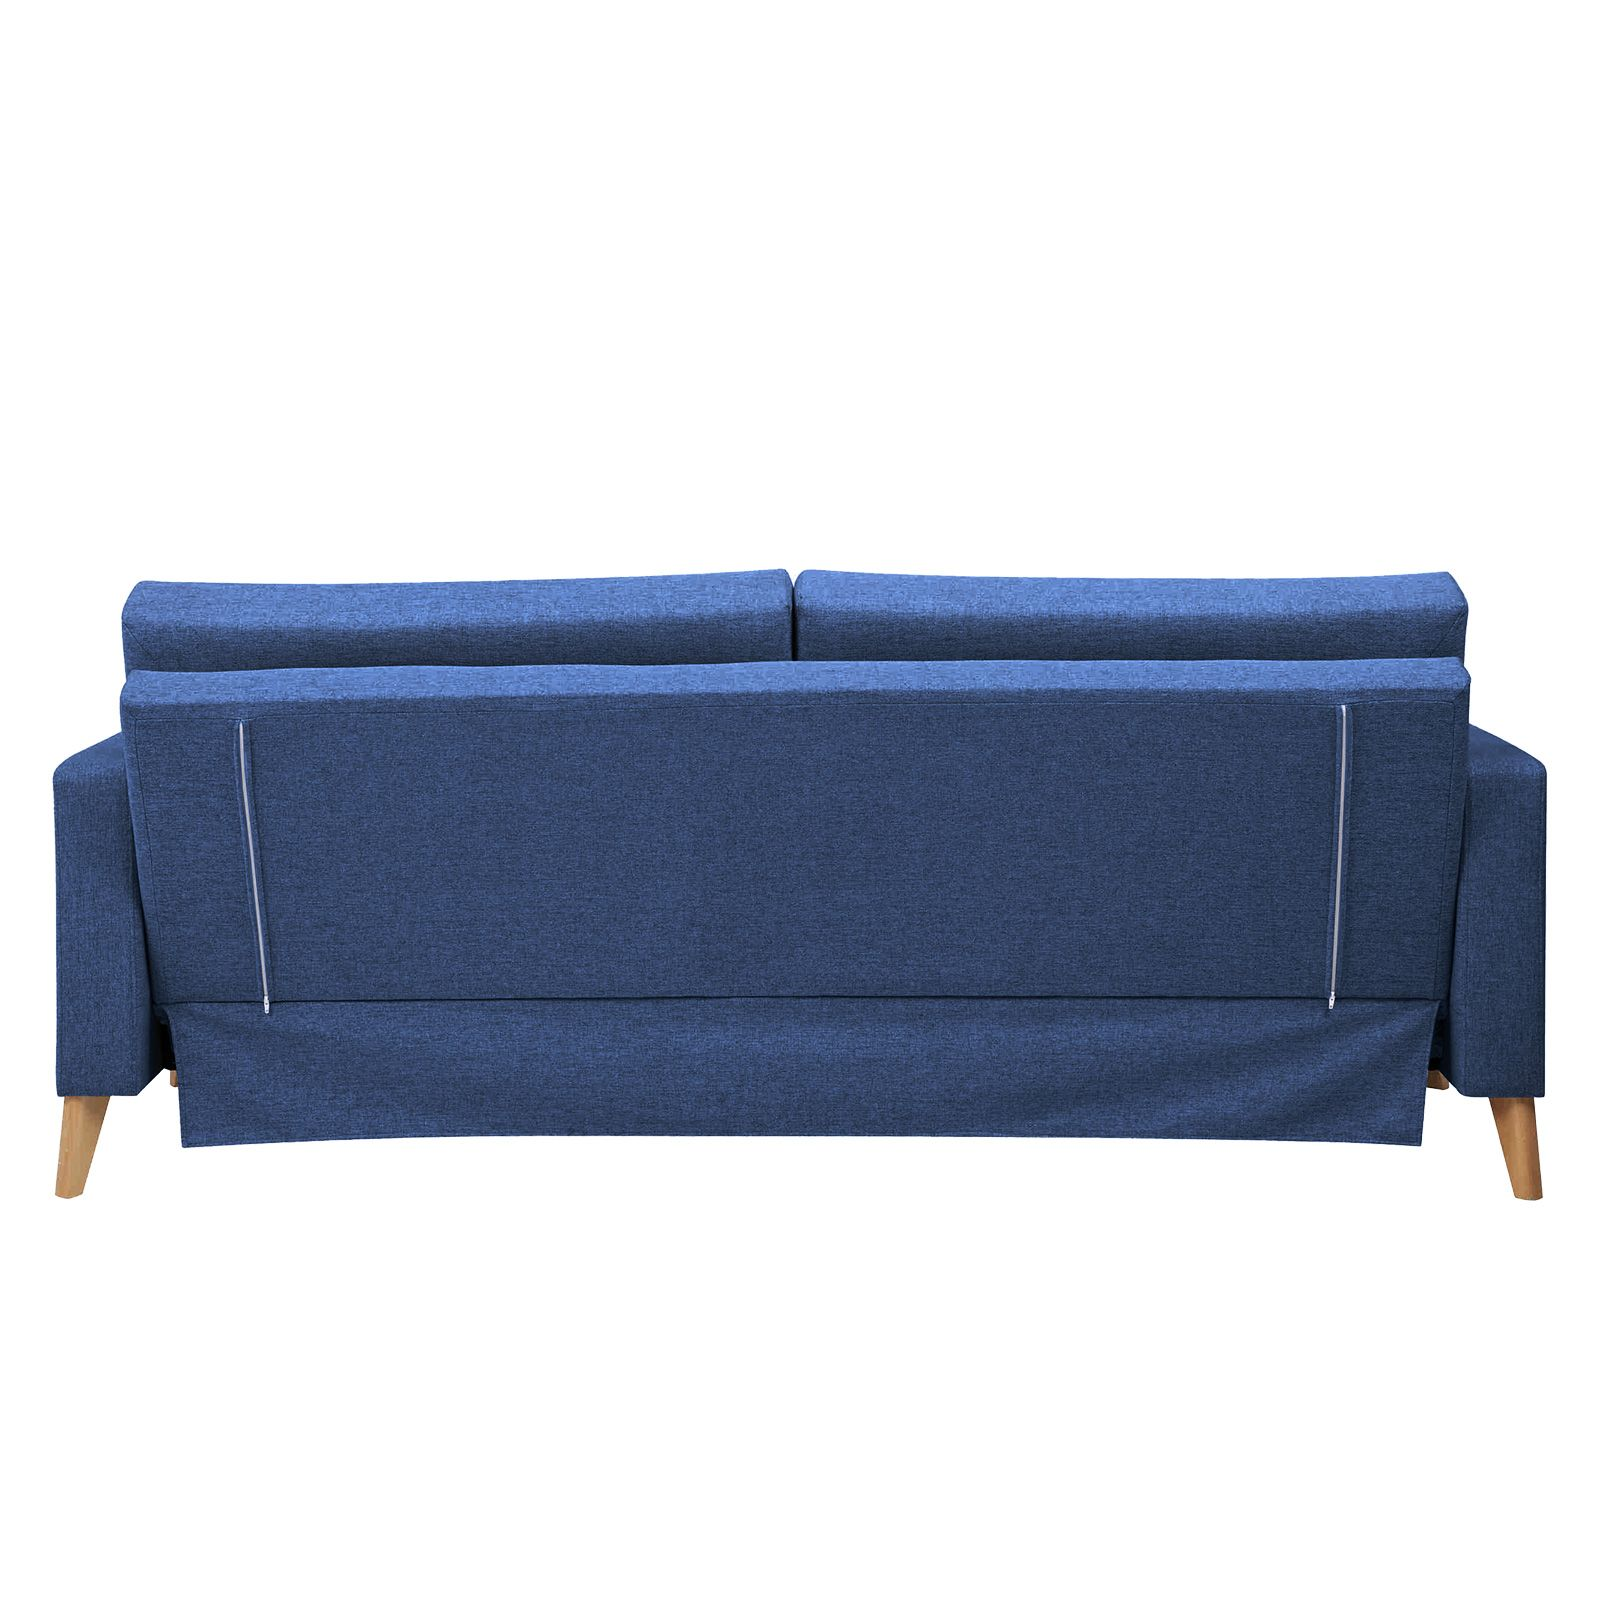 AZURRE | Sofá cama tapizado en azul oceáno (201 x 90 x 81 cm)